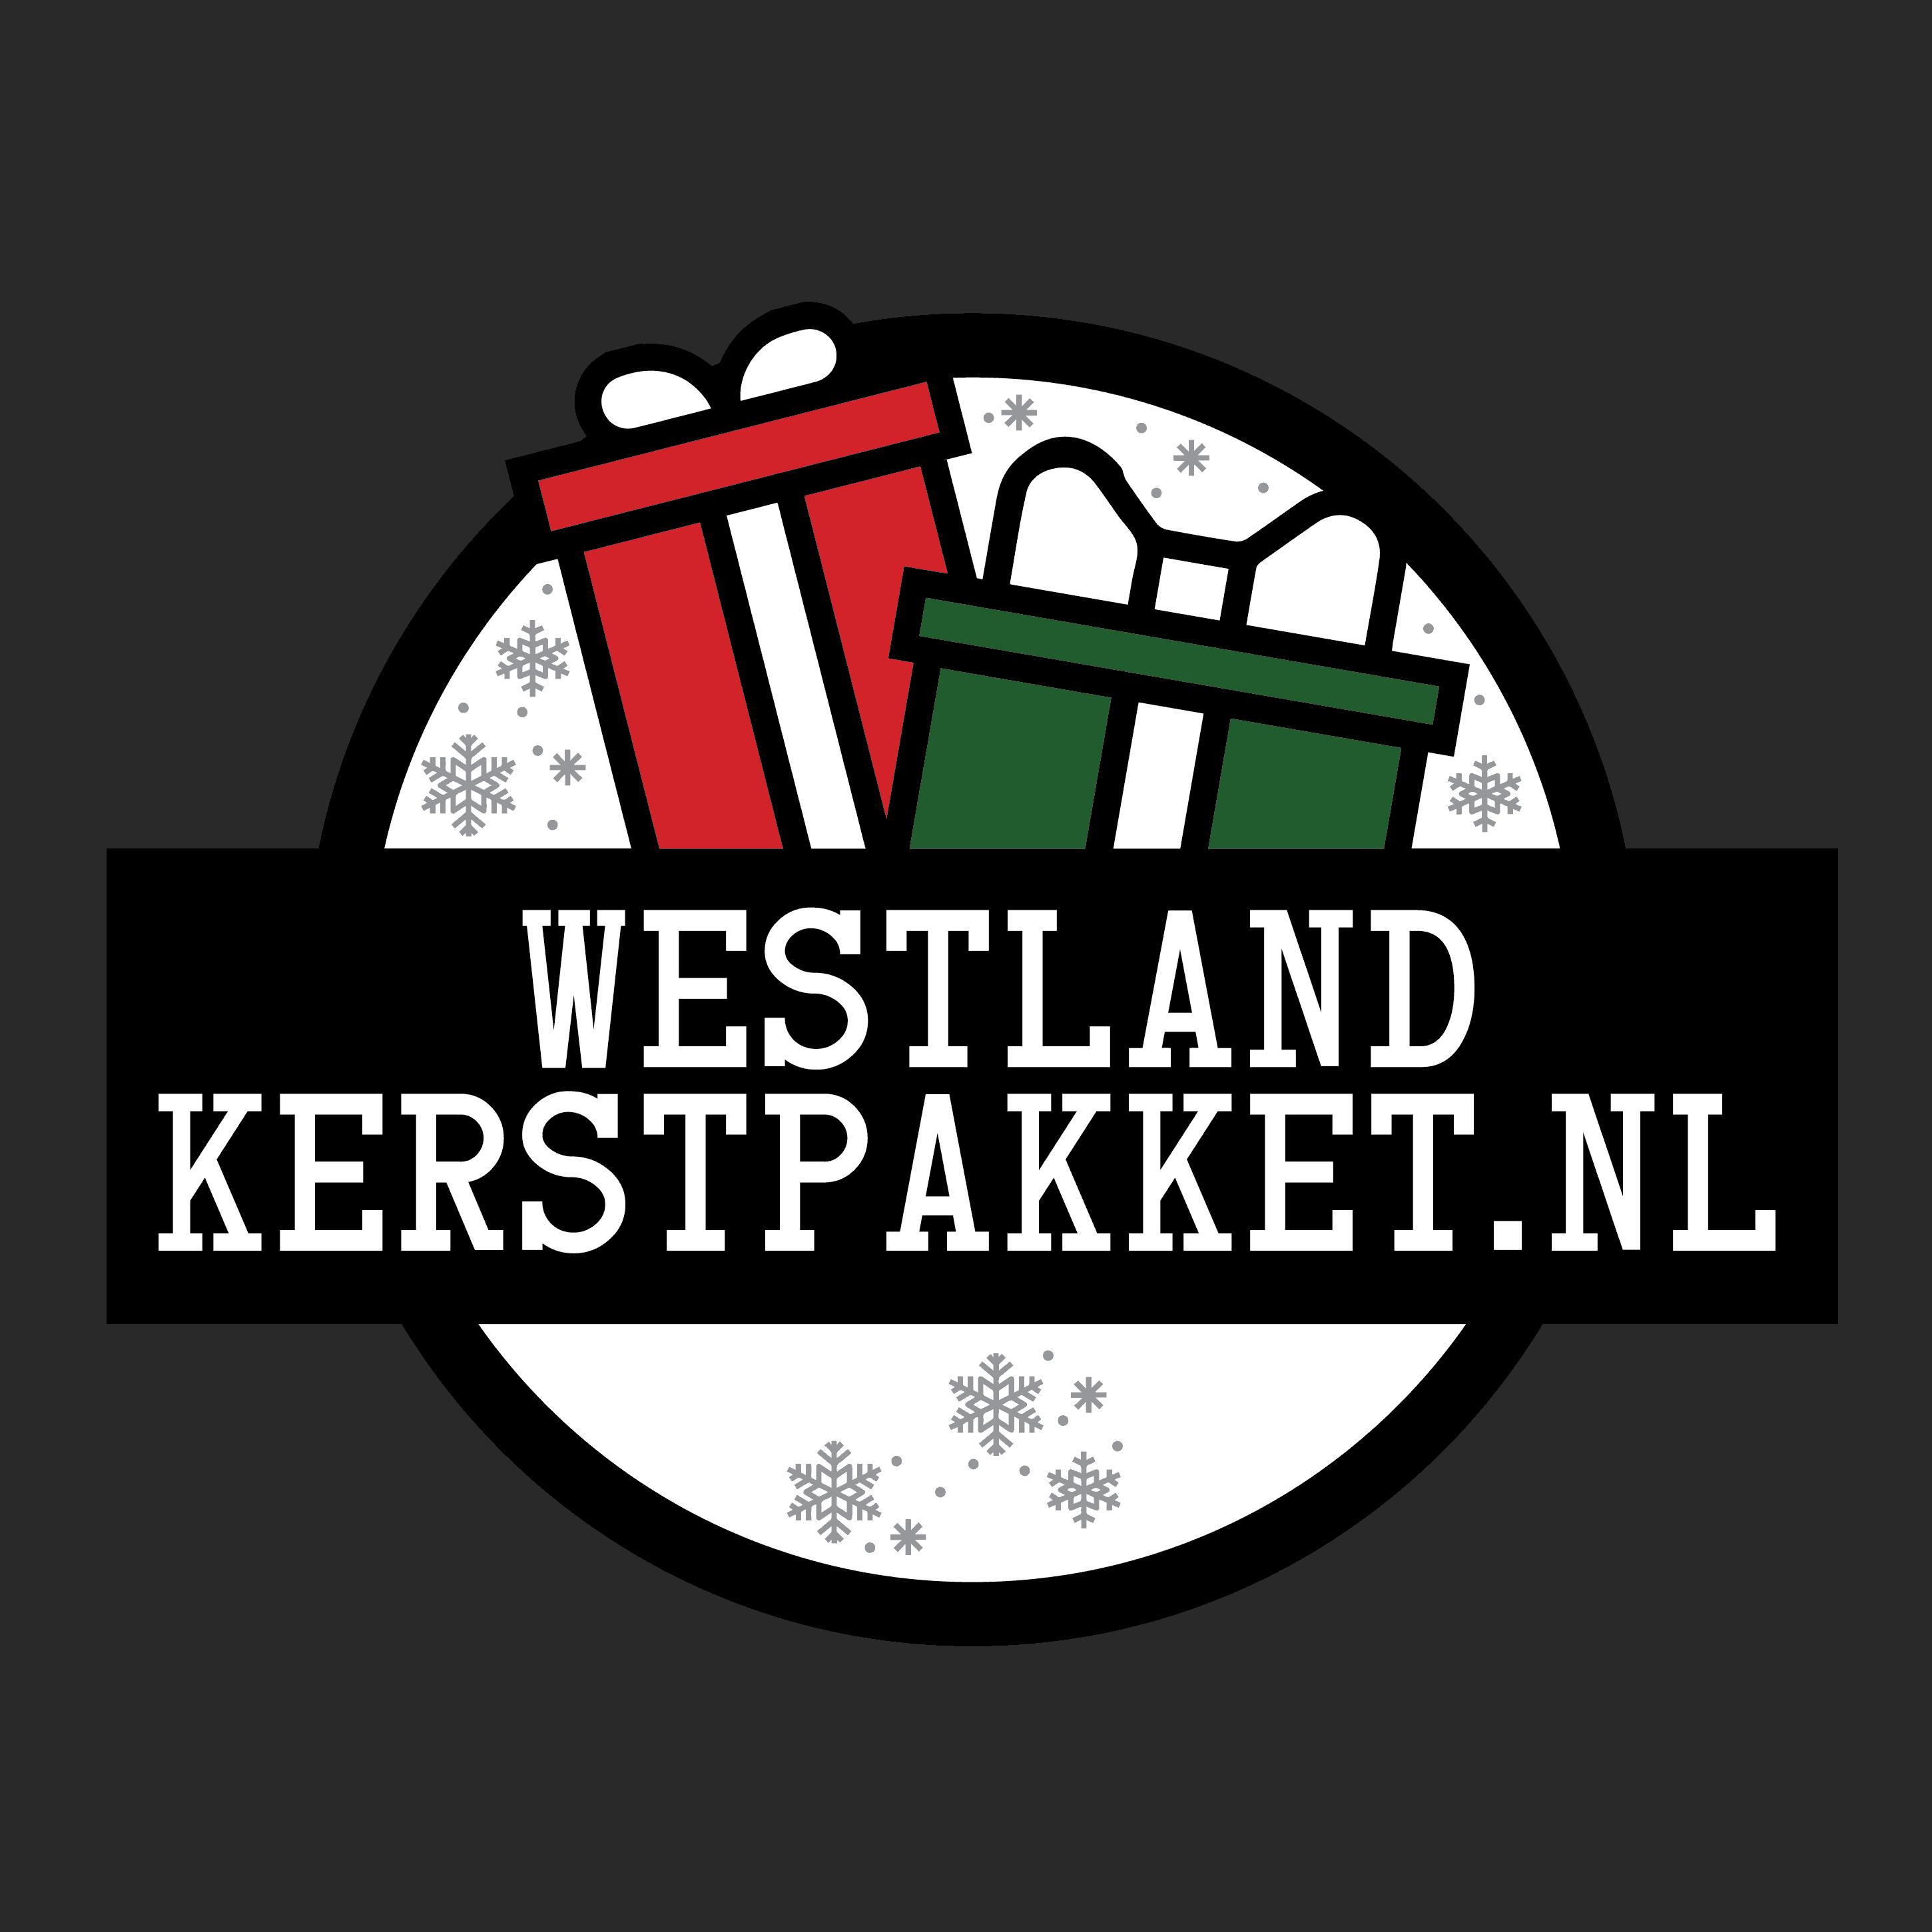 Westlandkerstpakket.nl - Logo